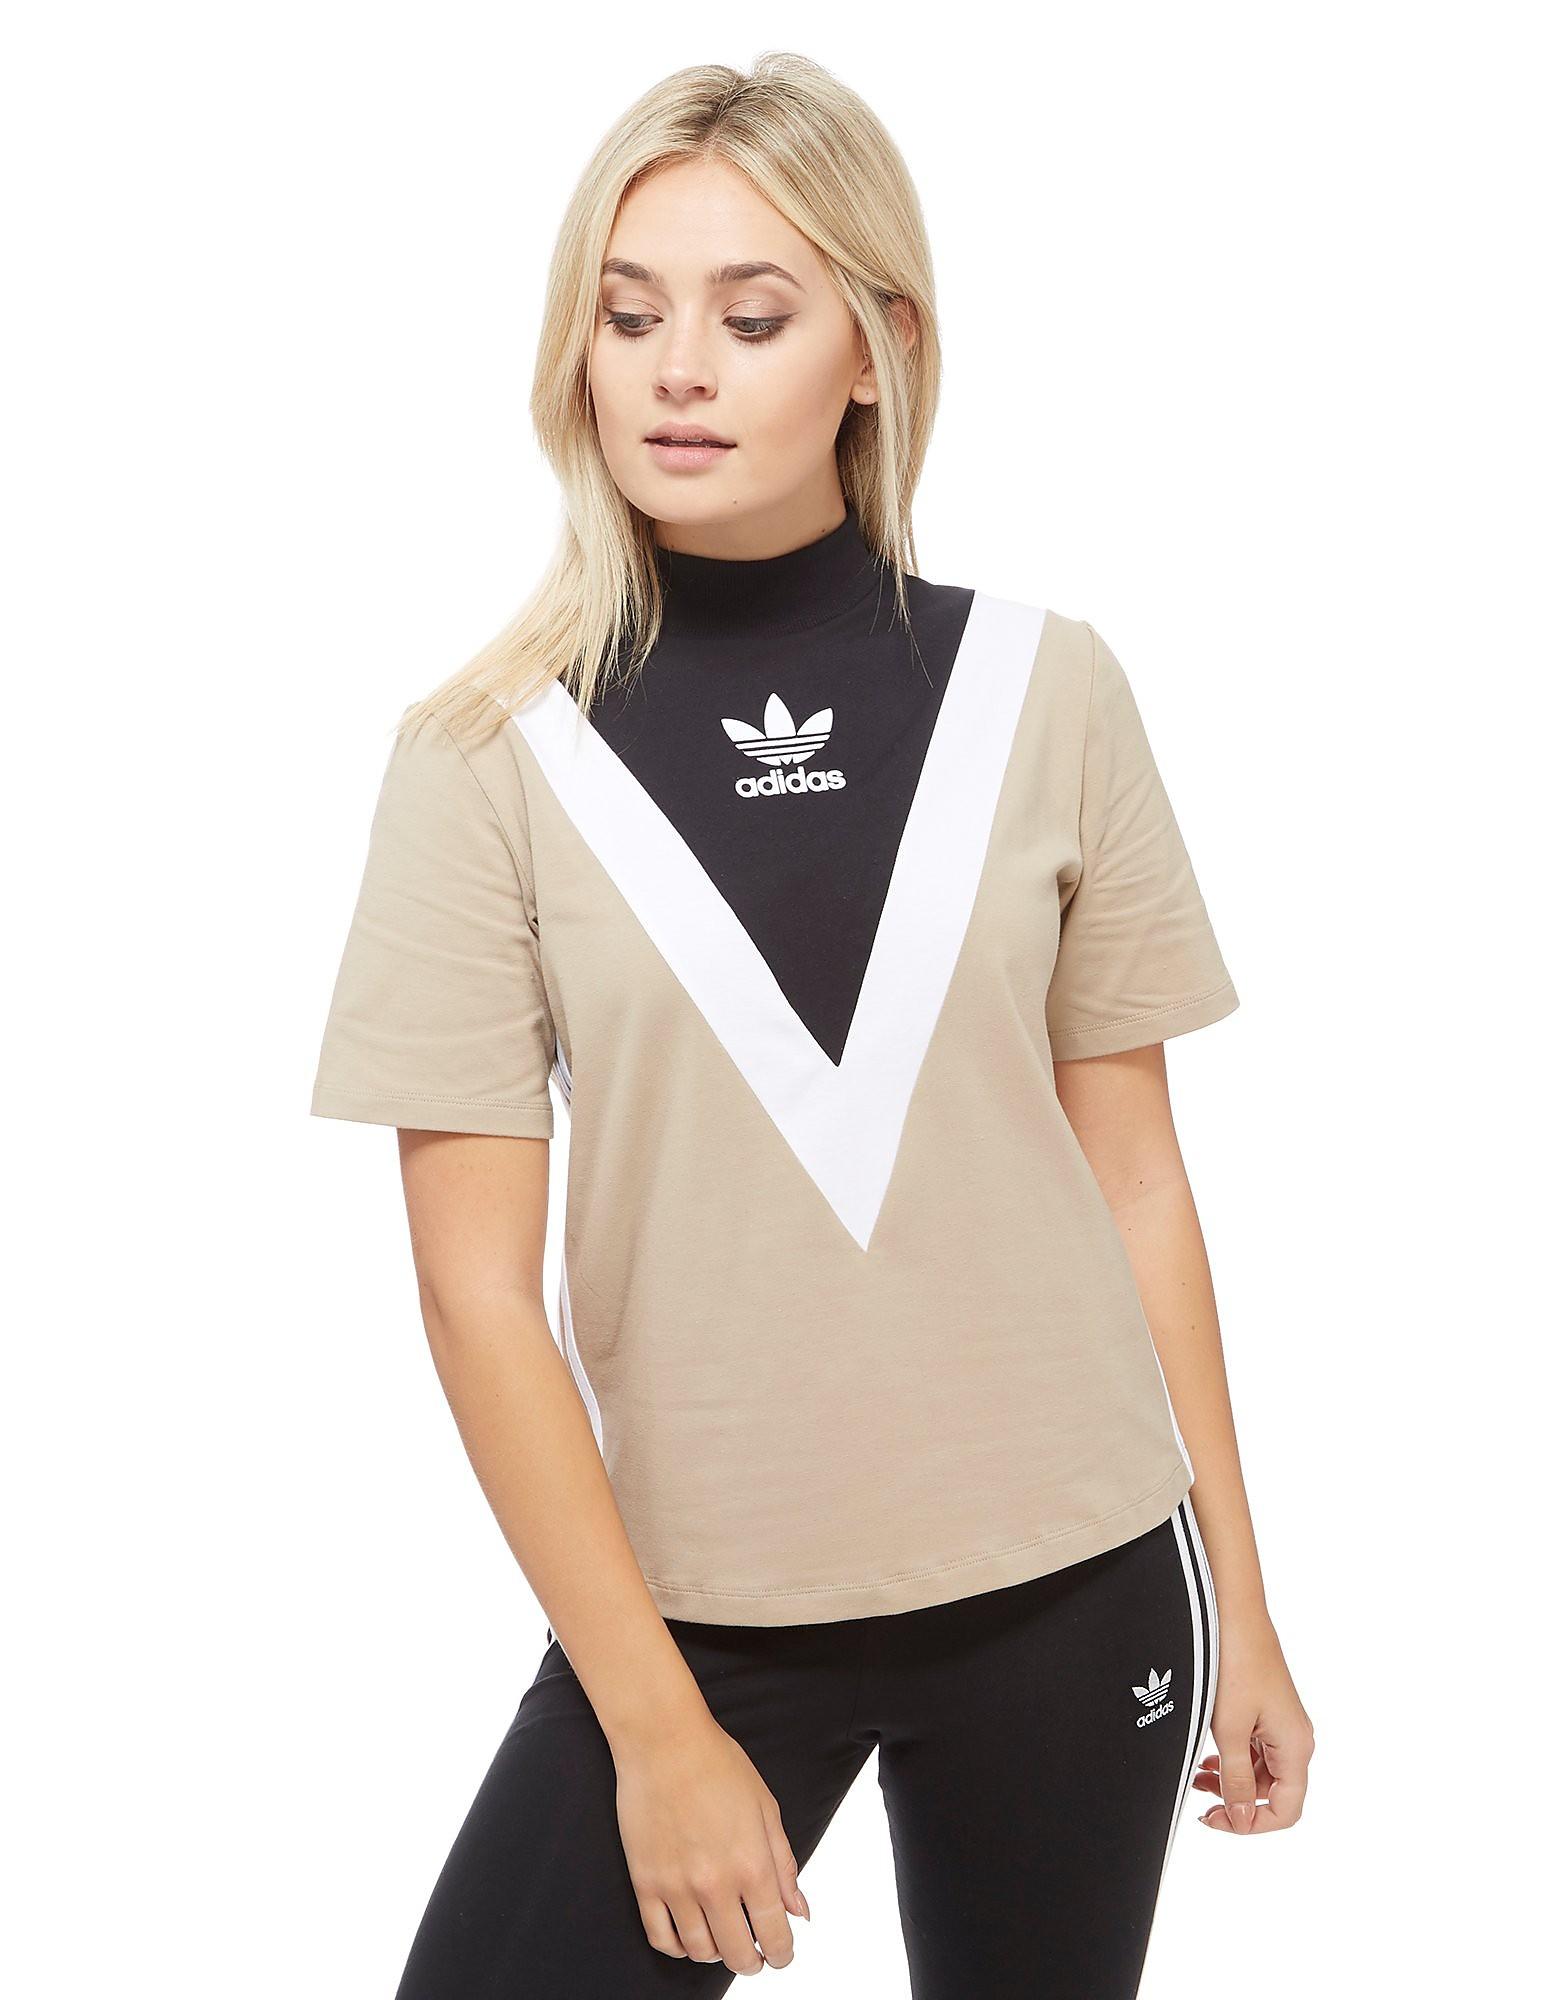 adidas Originals High Neck Chevron T-Shirt